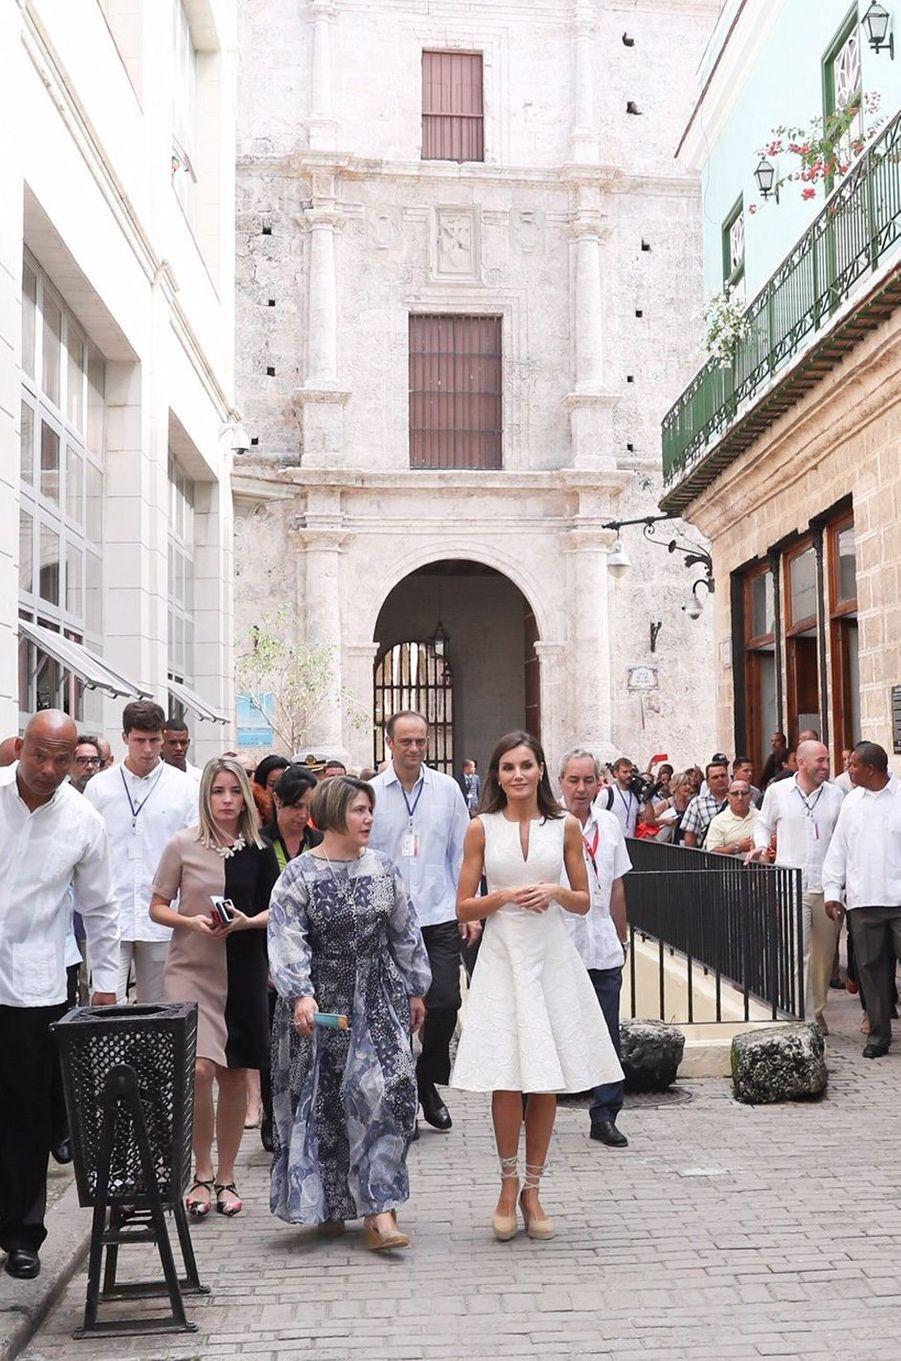 La reine Letizia et le roi Felipe VI d'Espagne à La Havane, le 12 novembre 2019